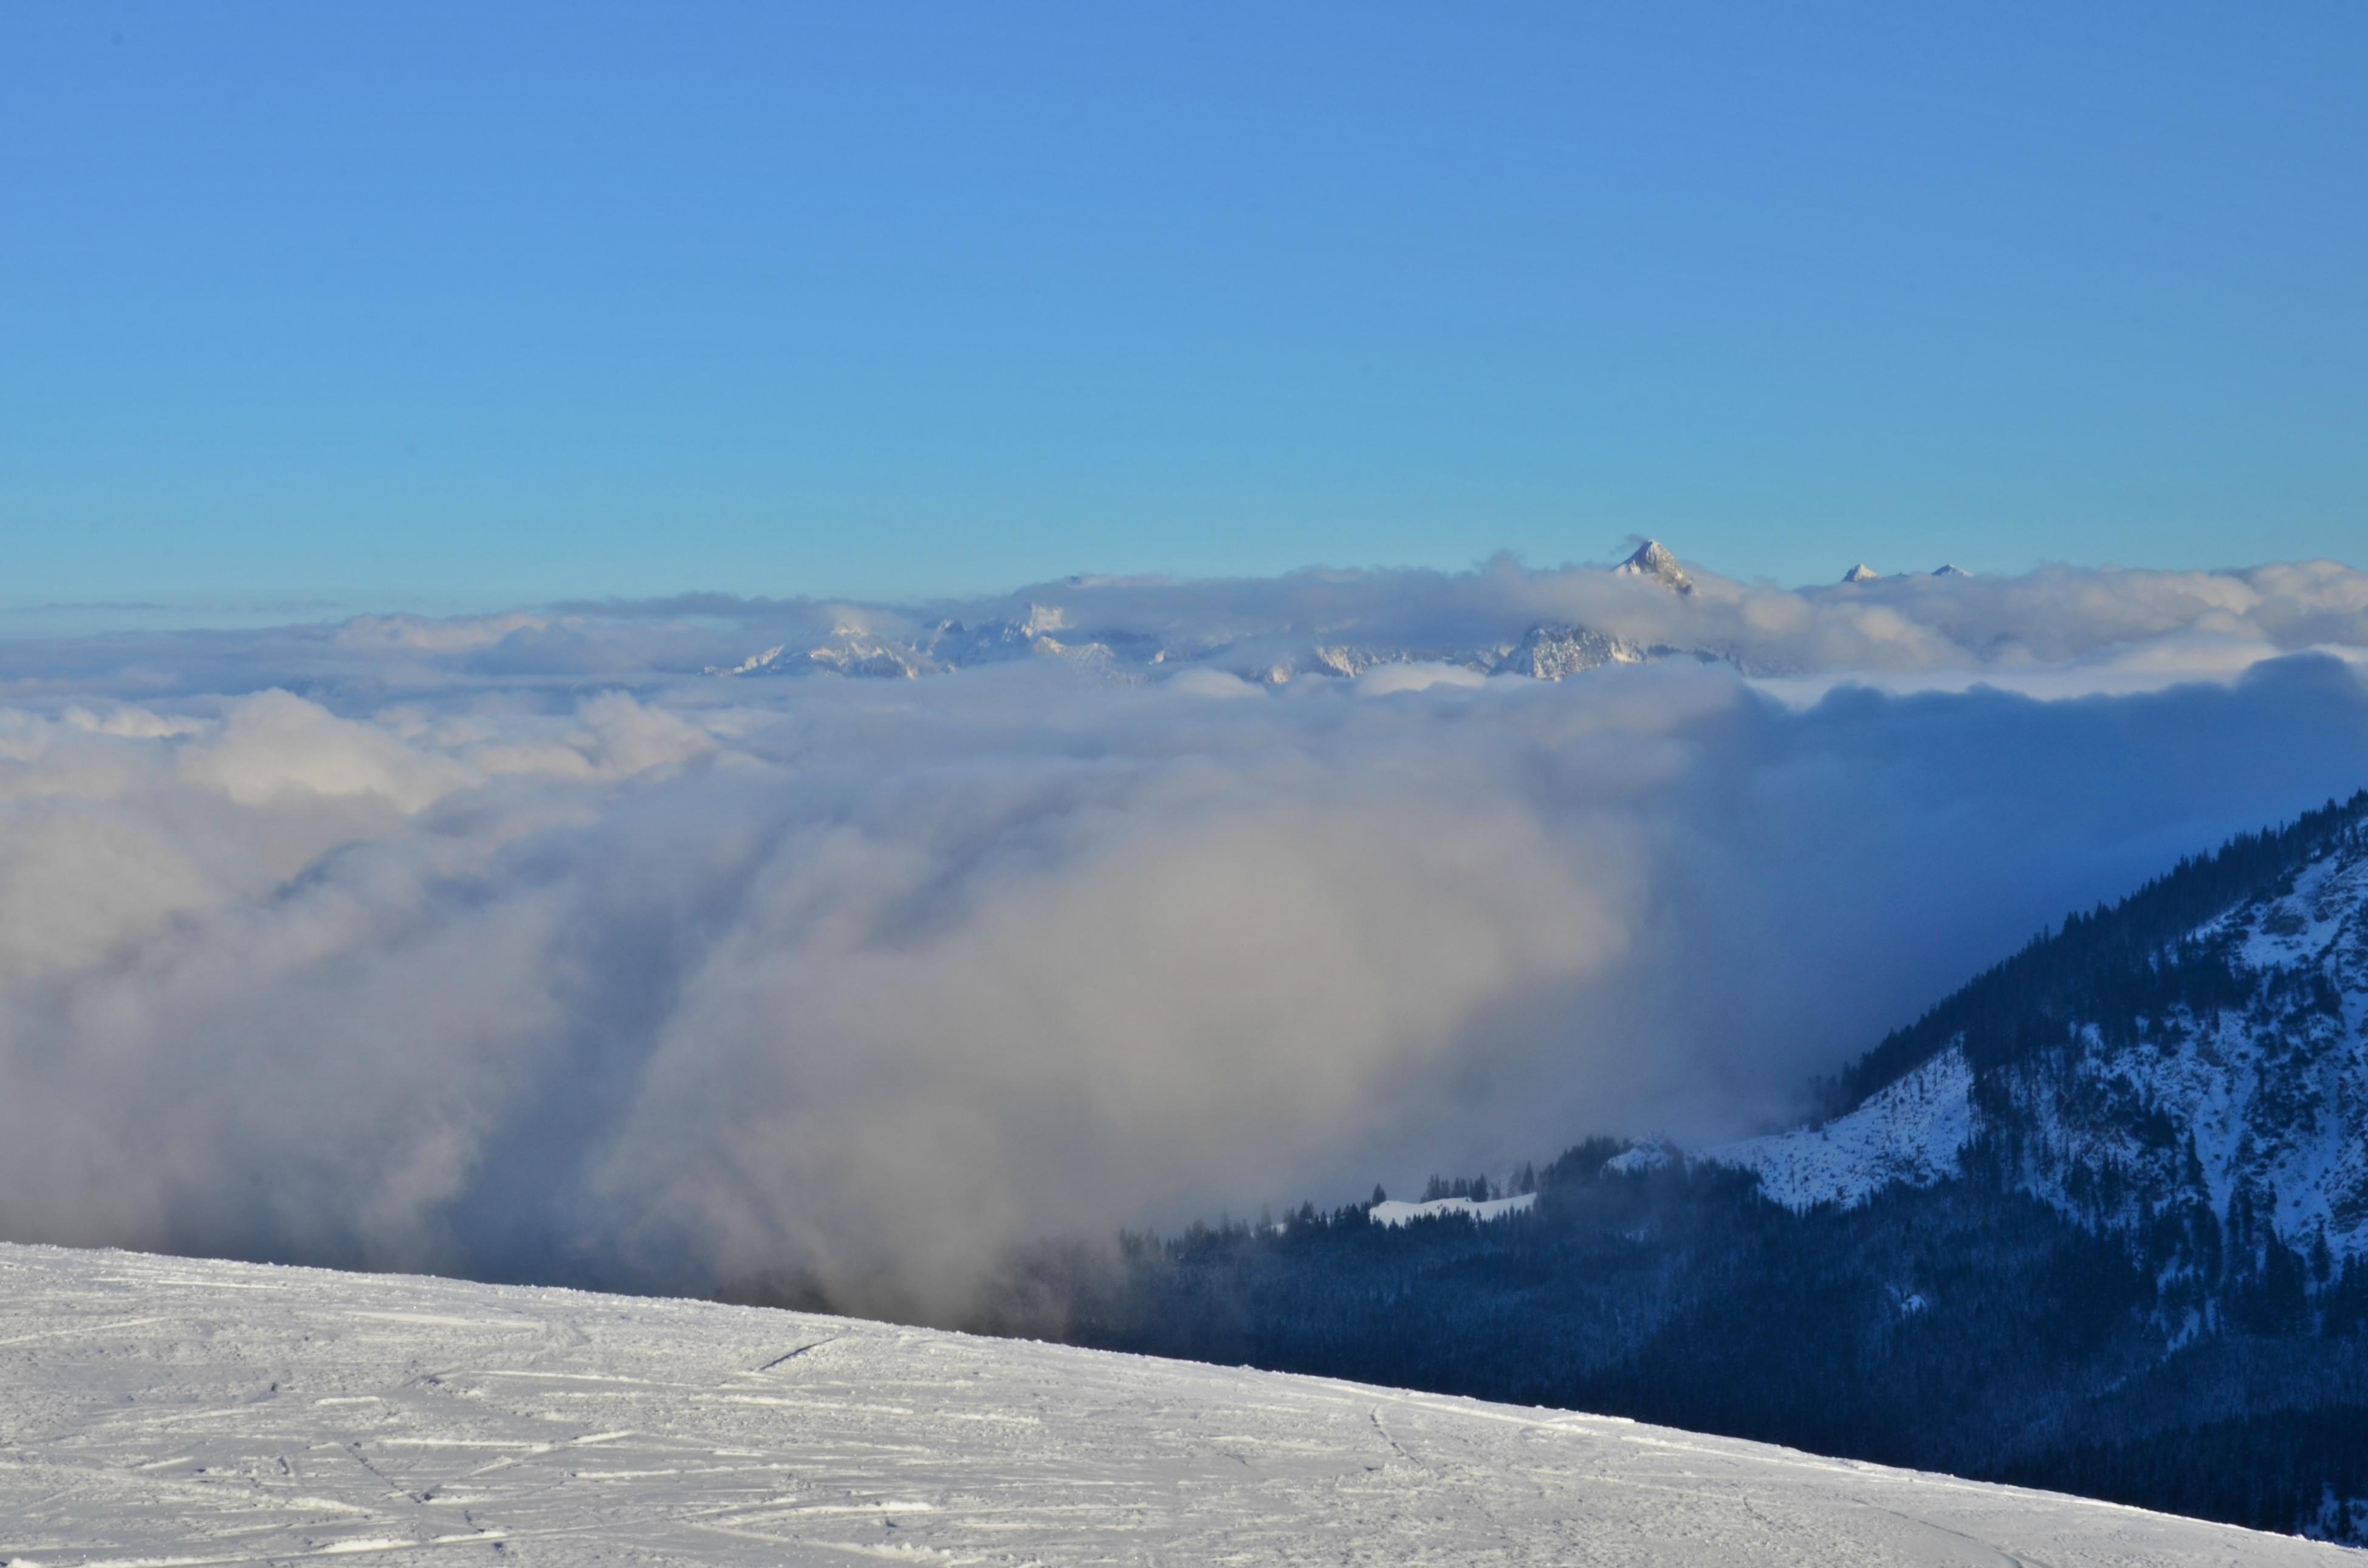 W0219_Skifahrt_über_den_Wolken_auf_dem_Breitenberg.jpg